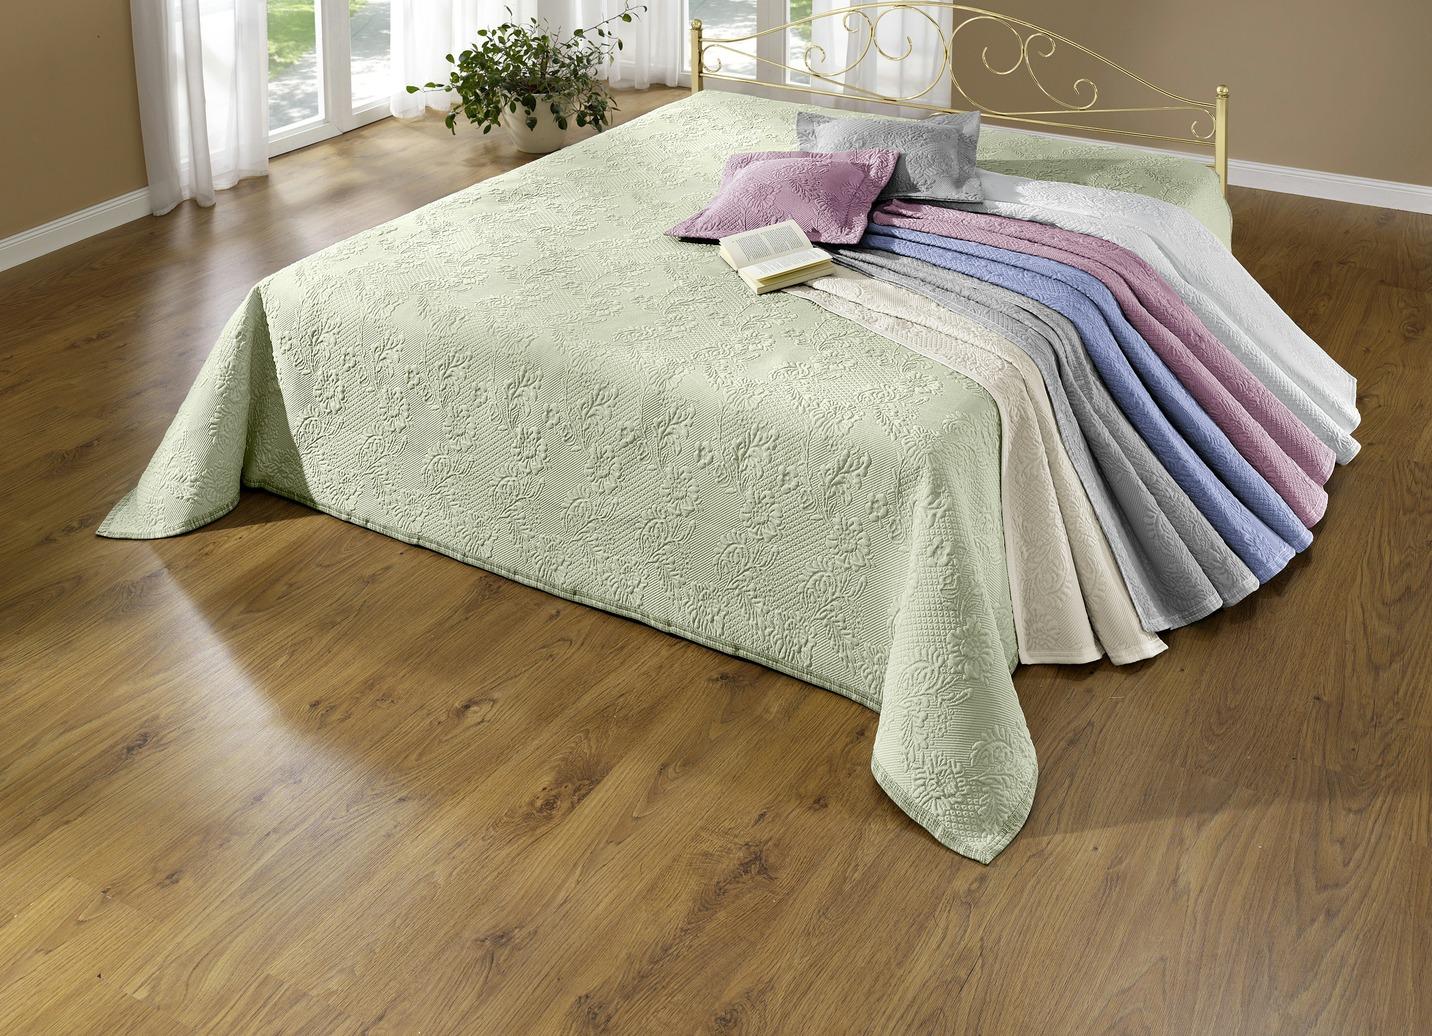 tagesdecke in verschiedenen ausf hrungen tagesdecken bader. Black Bedroom Furniture Sets. Home Design Ideas